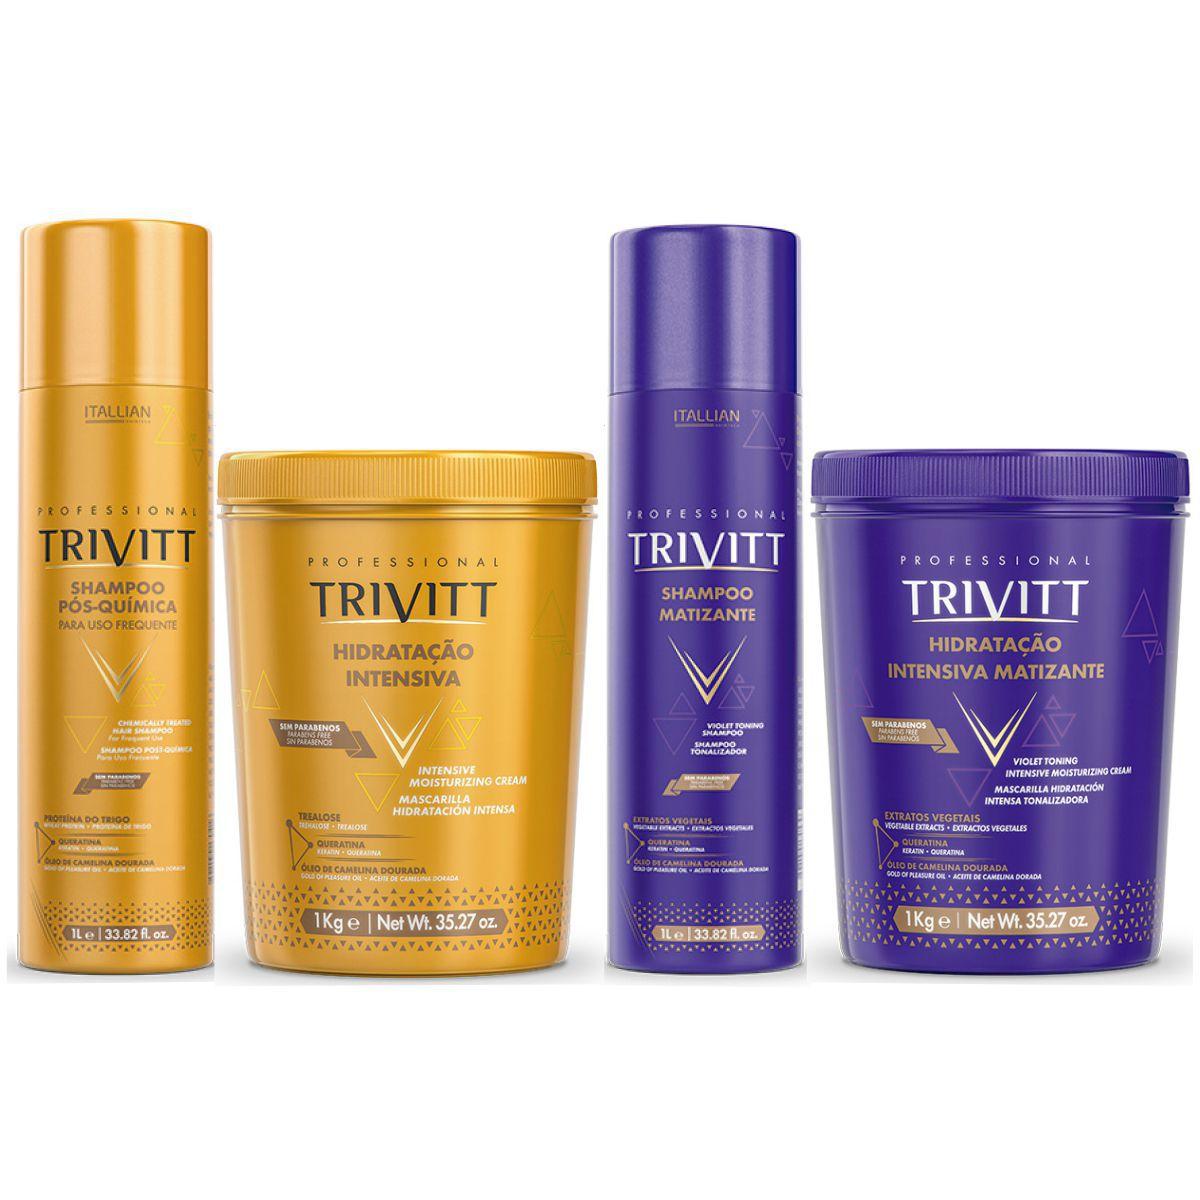 Máscara De Hidratação E Shampoo Trivitt E Kit Matizante